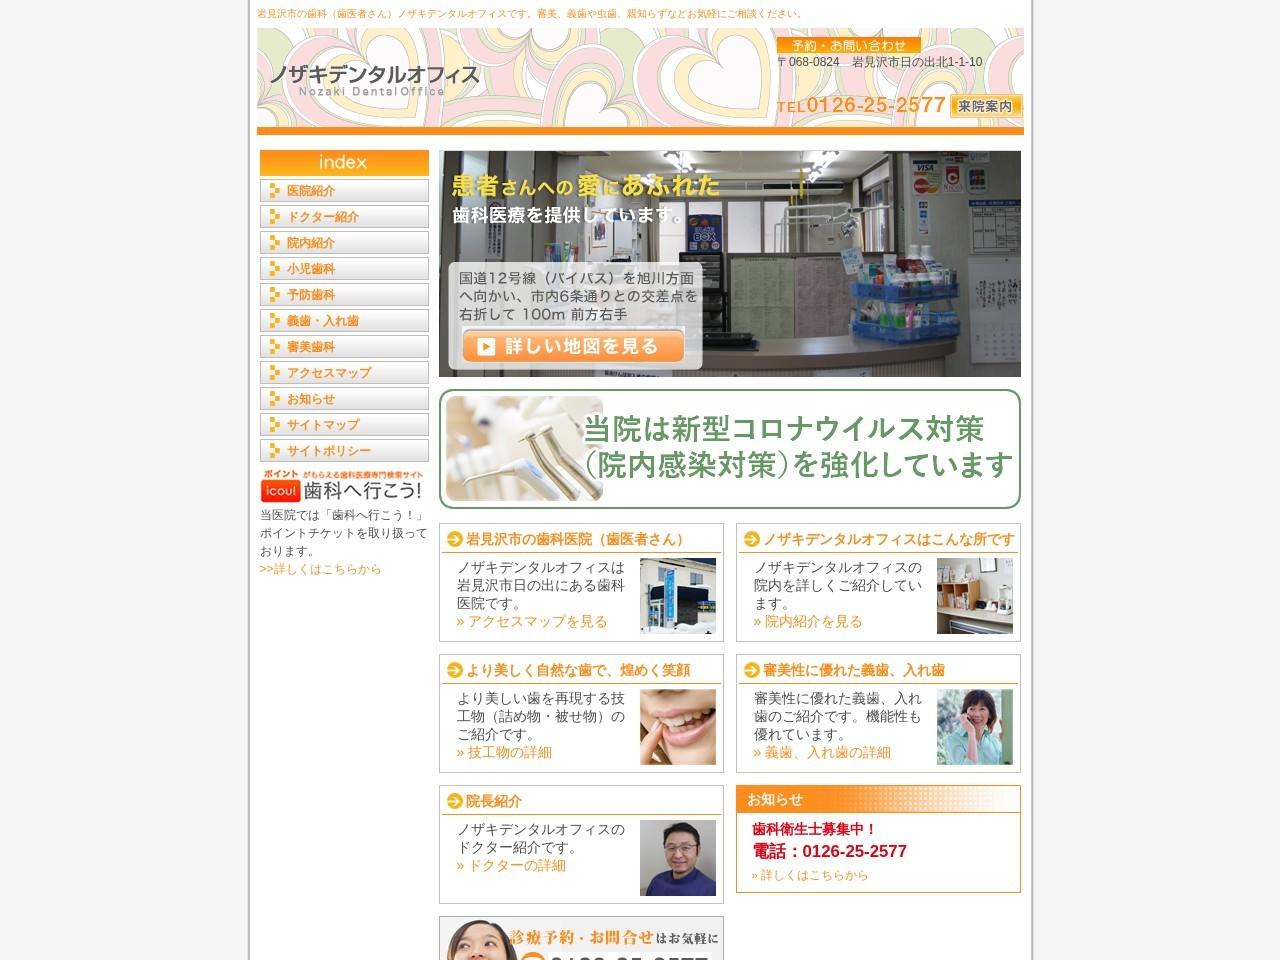 ノザキデンタルオフィス (北海道岩見沢市)